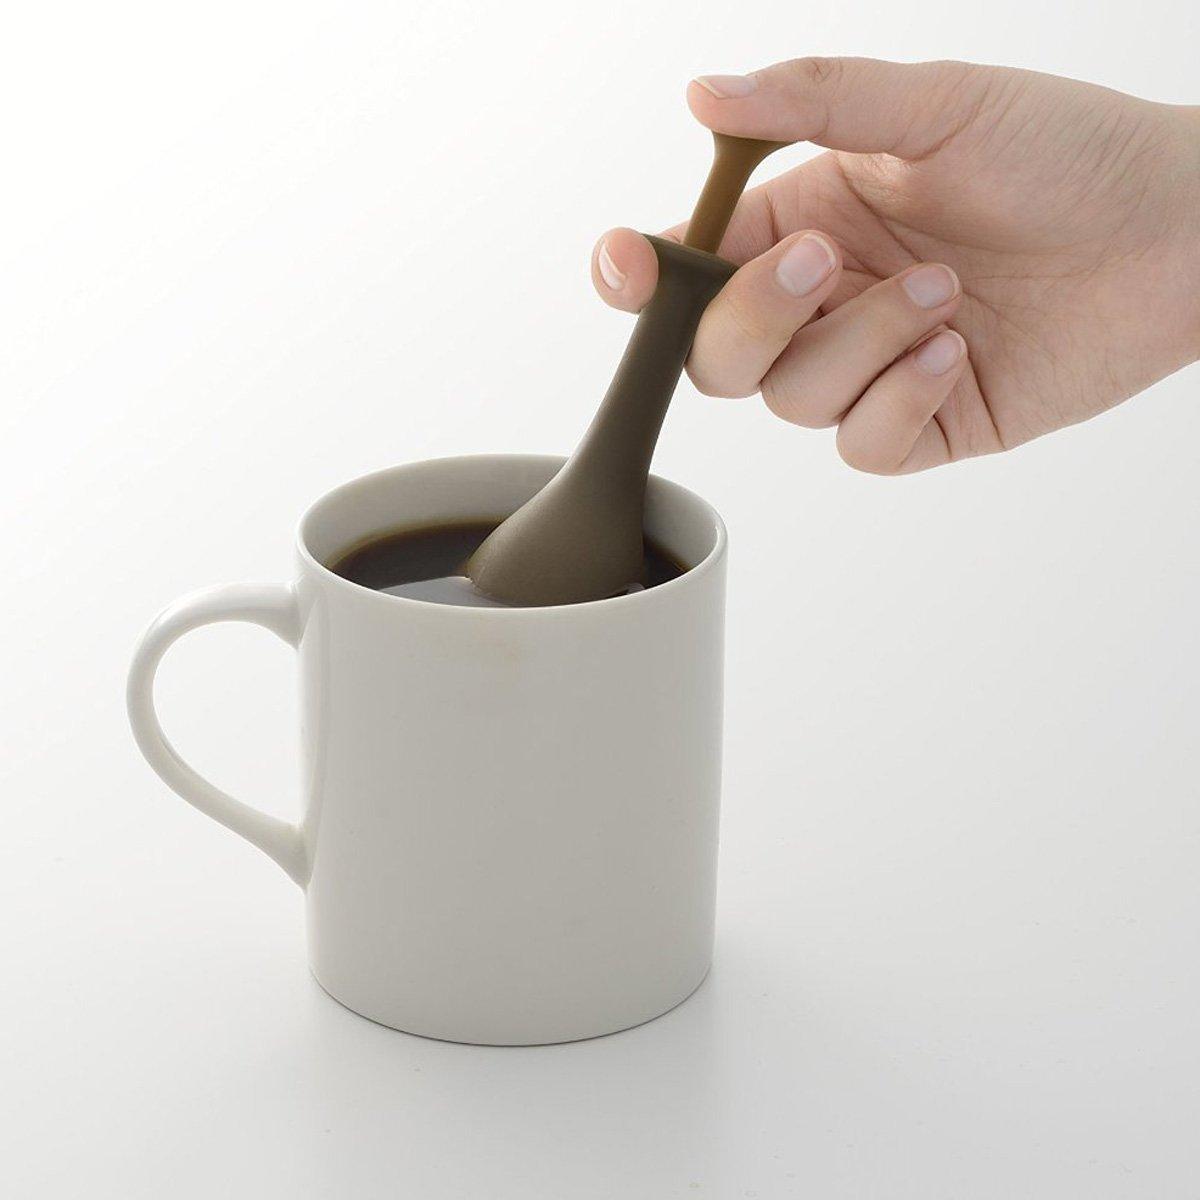 Portable Fresh Coffee Maker : Aozora Mini Coffee Press - World s Most Portable Coffee Maker - The Green Head